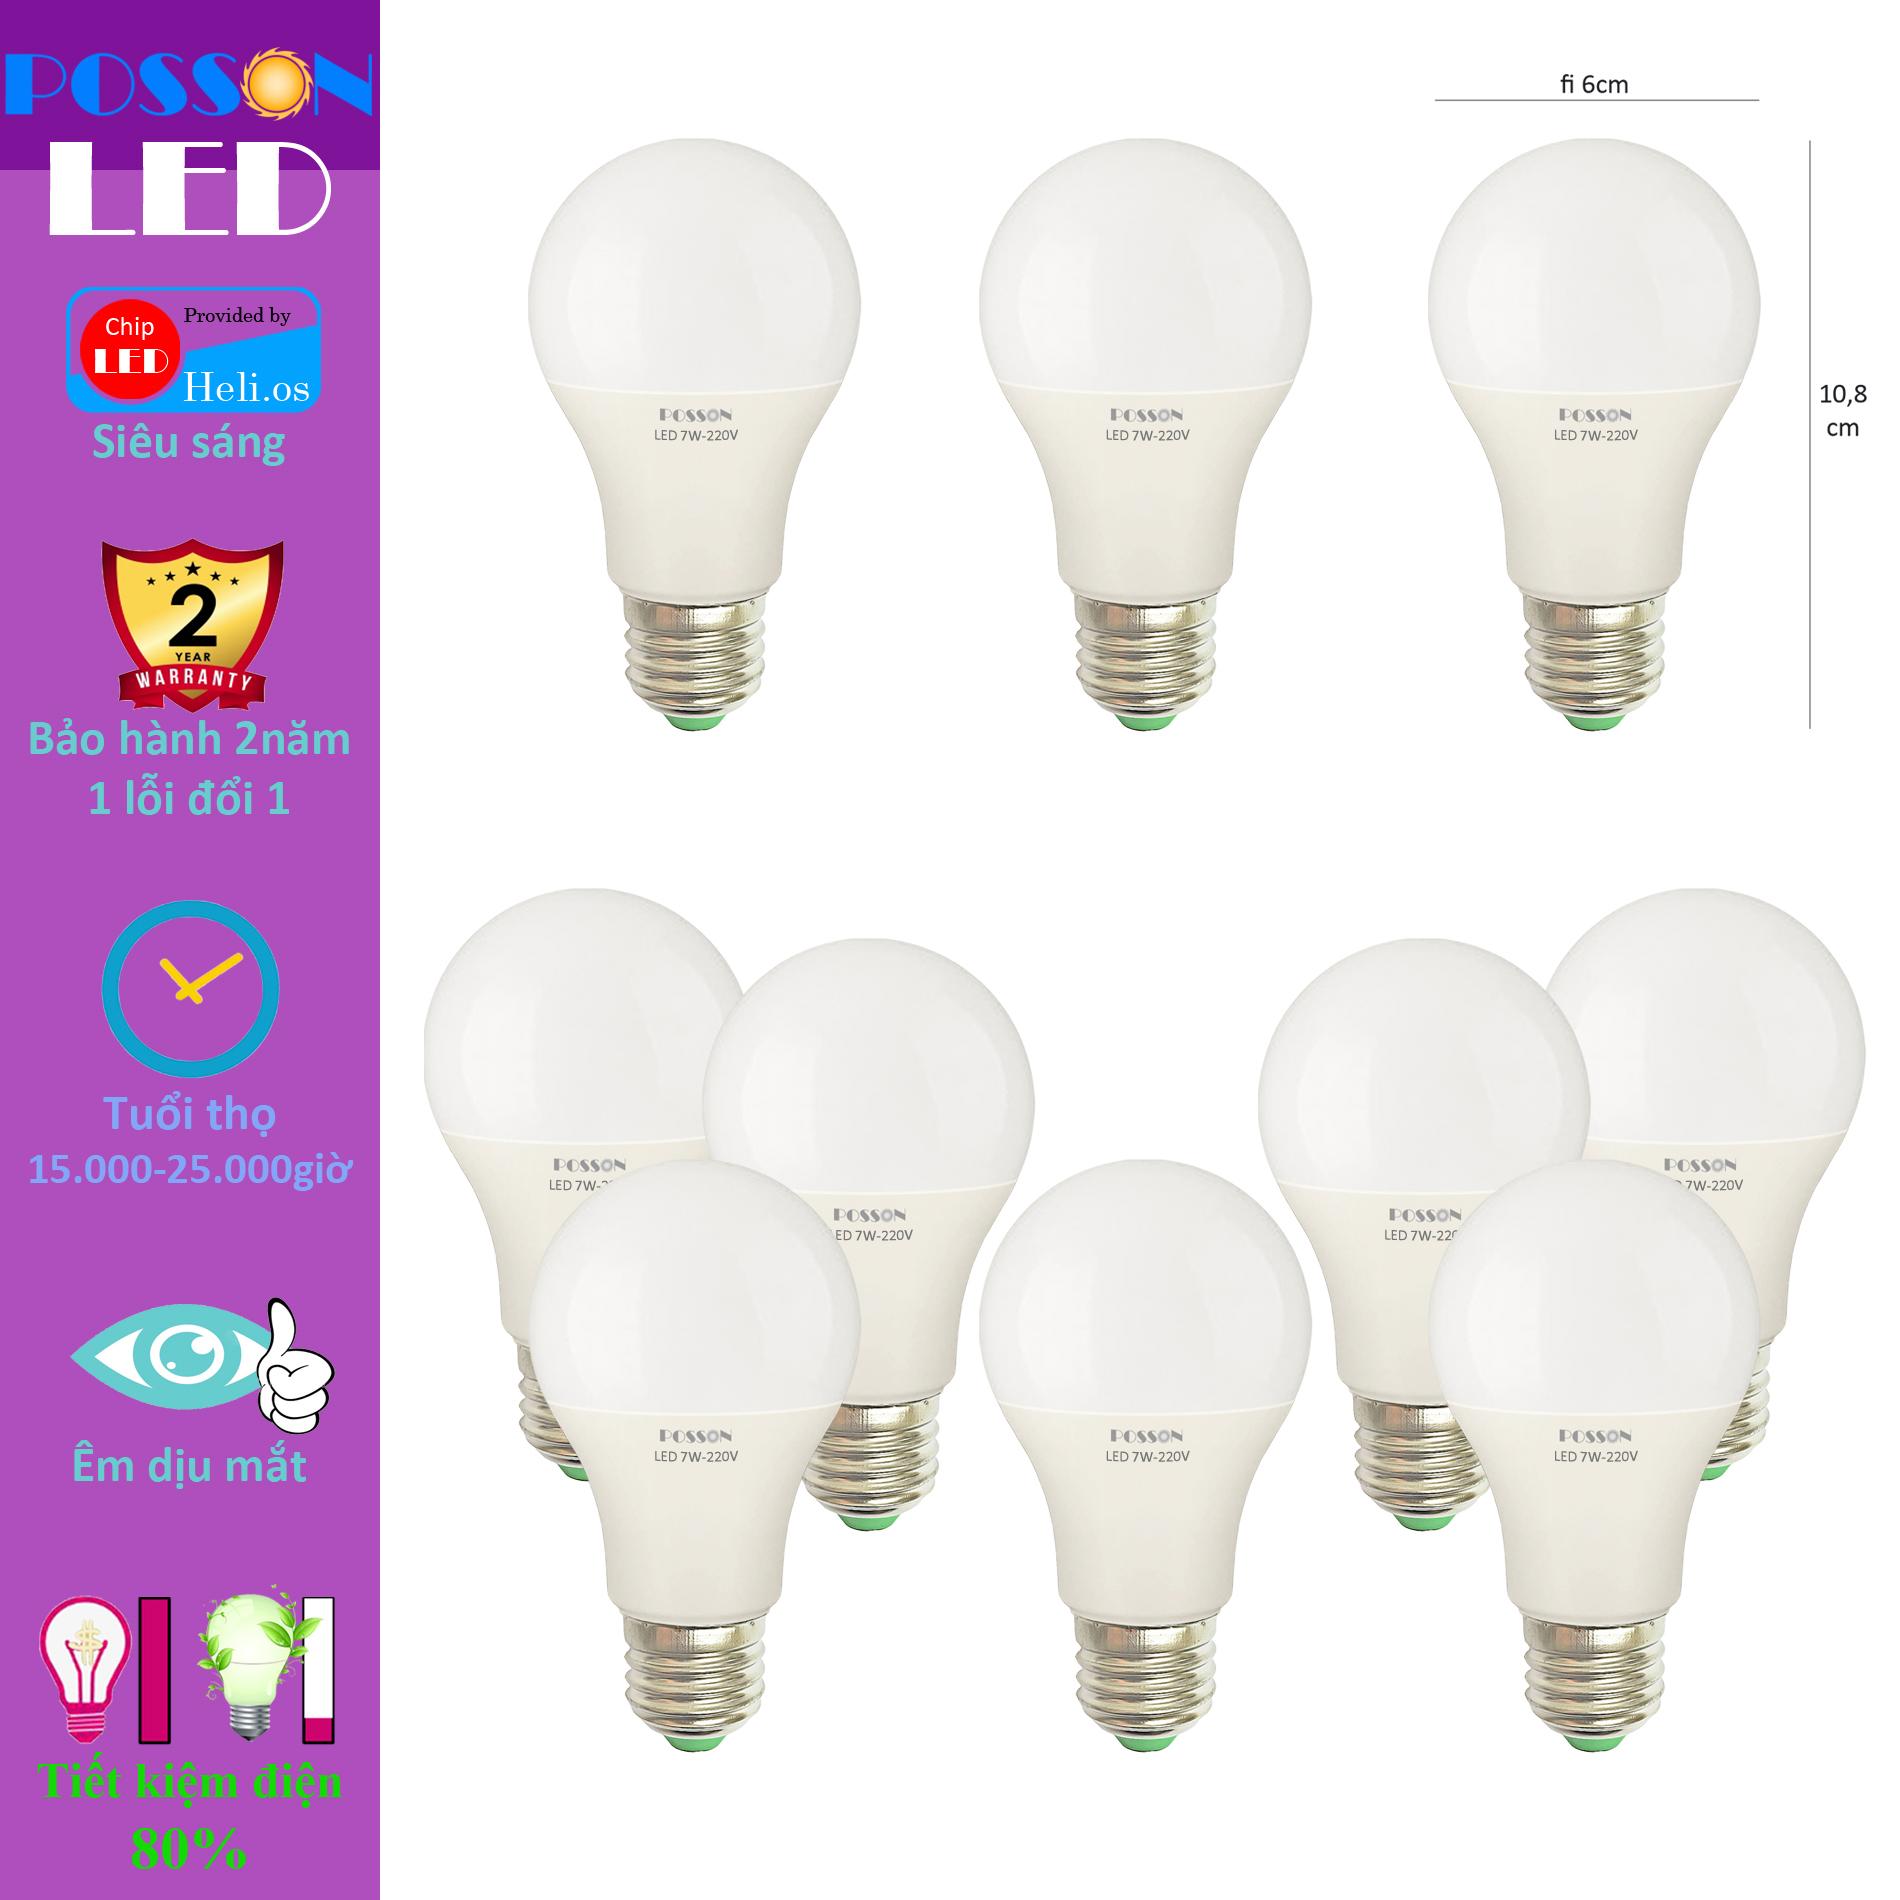 10 Bóng đèn Led 7w A60 tròn bup bulb kín chống nước tiết kiệm điện siêu  sáng Posson LB-H7x - P674773   Sàn thương mại điện tử của khách hàng  Viettelpost